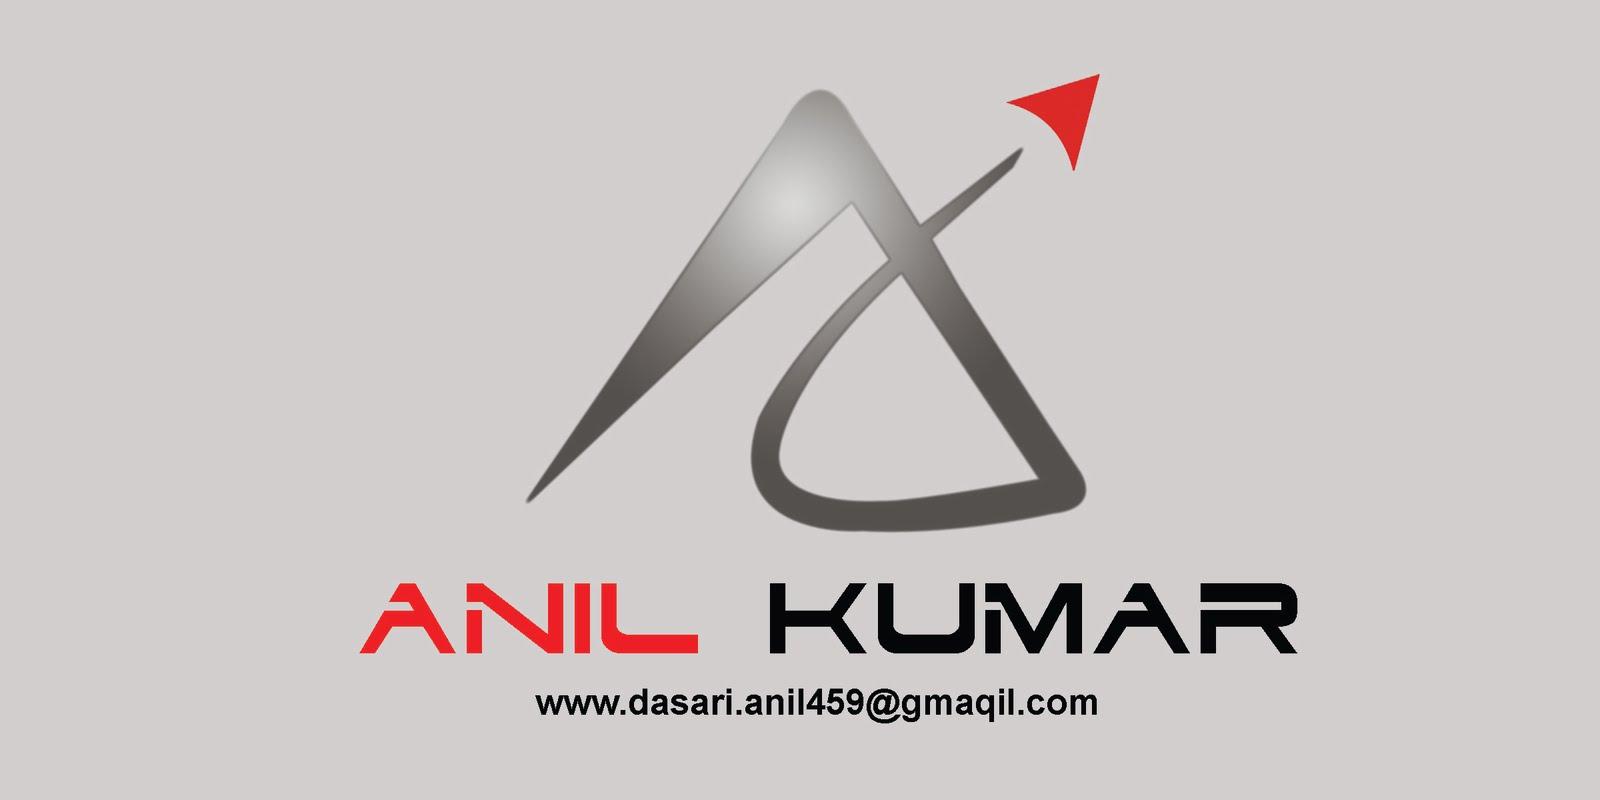 MY LOGO | Dasari Anil Kumar